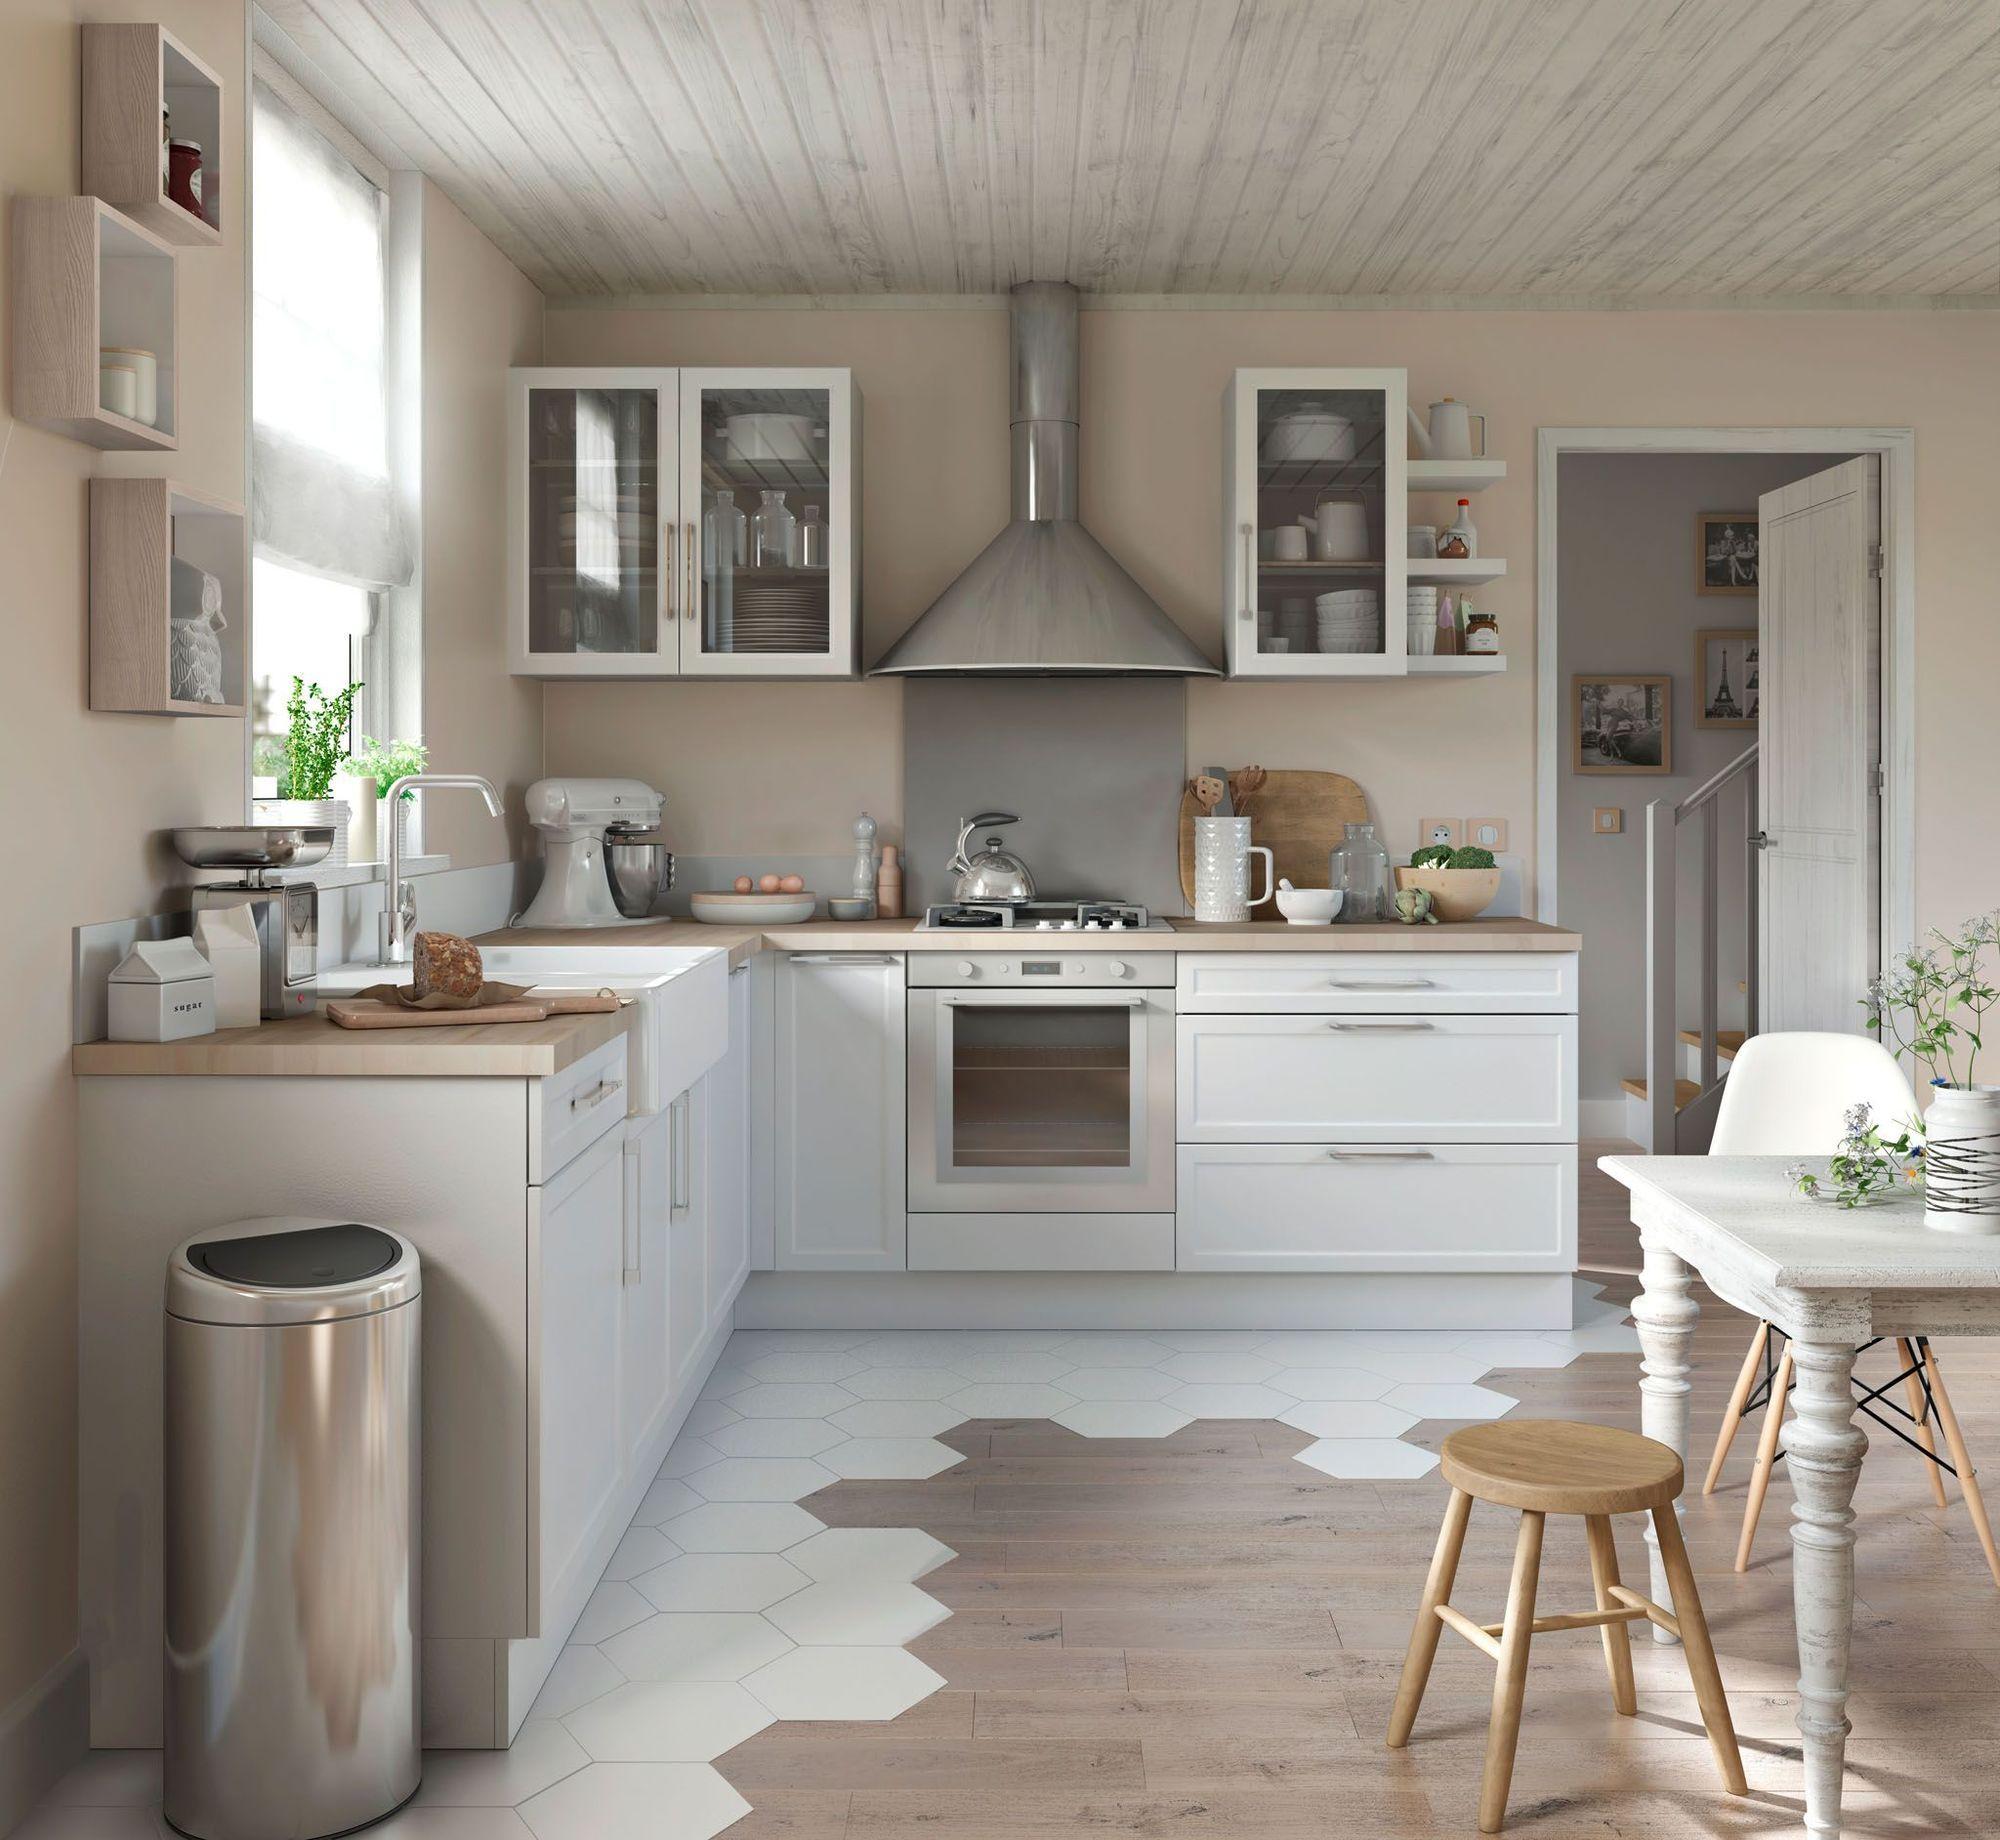 Cuisine Castorama pas cher : nouveaux meubles et carrelages